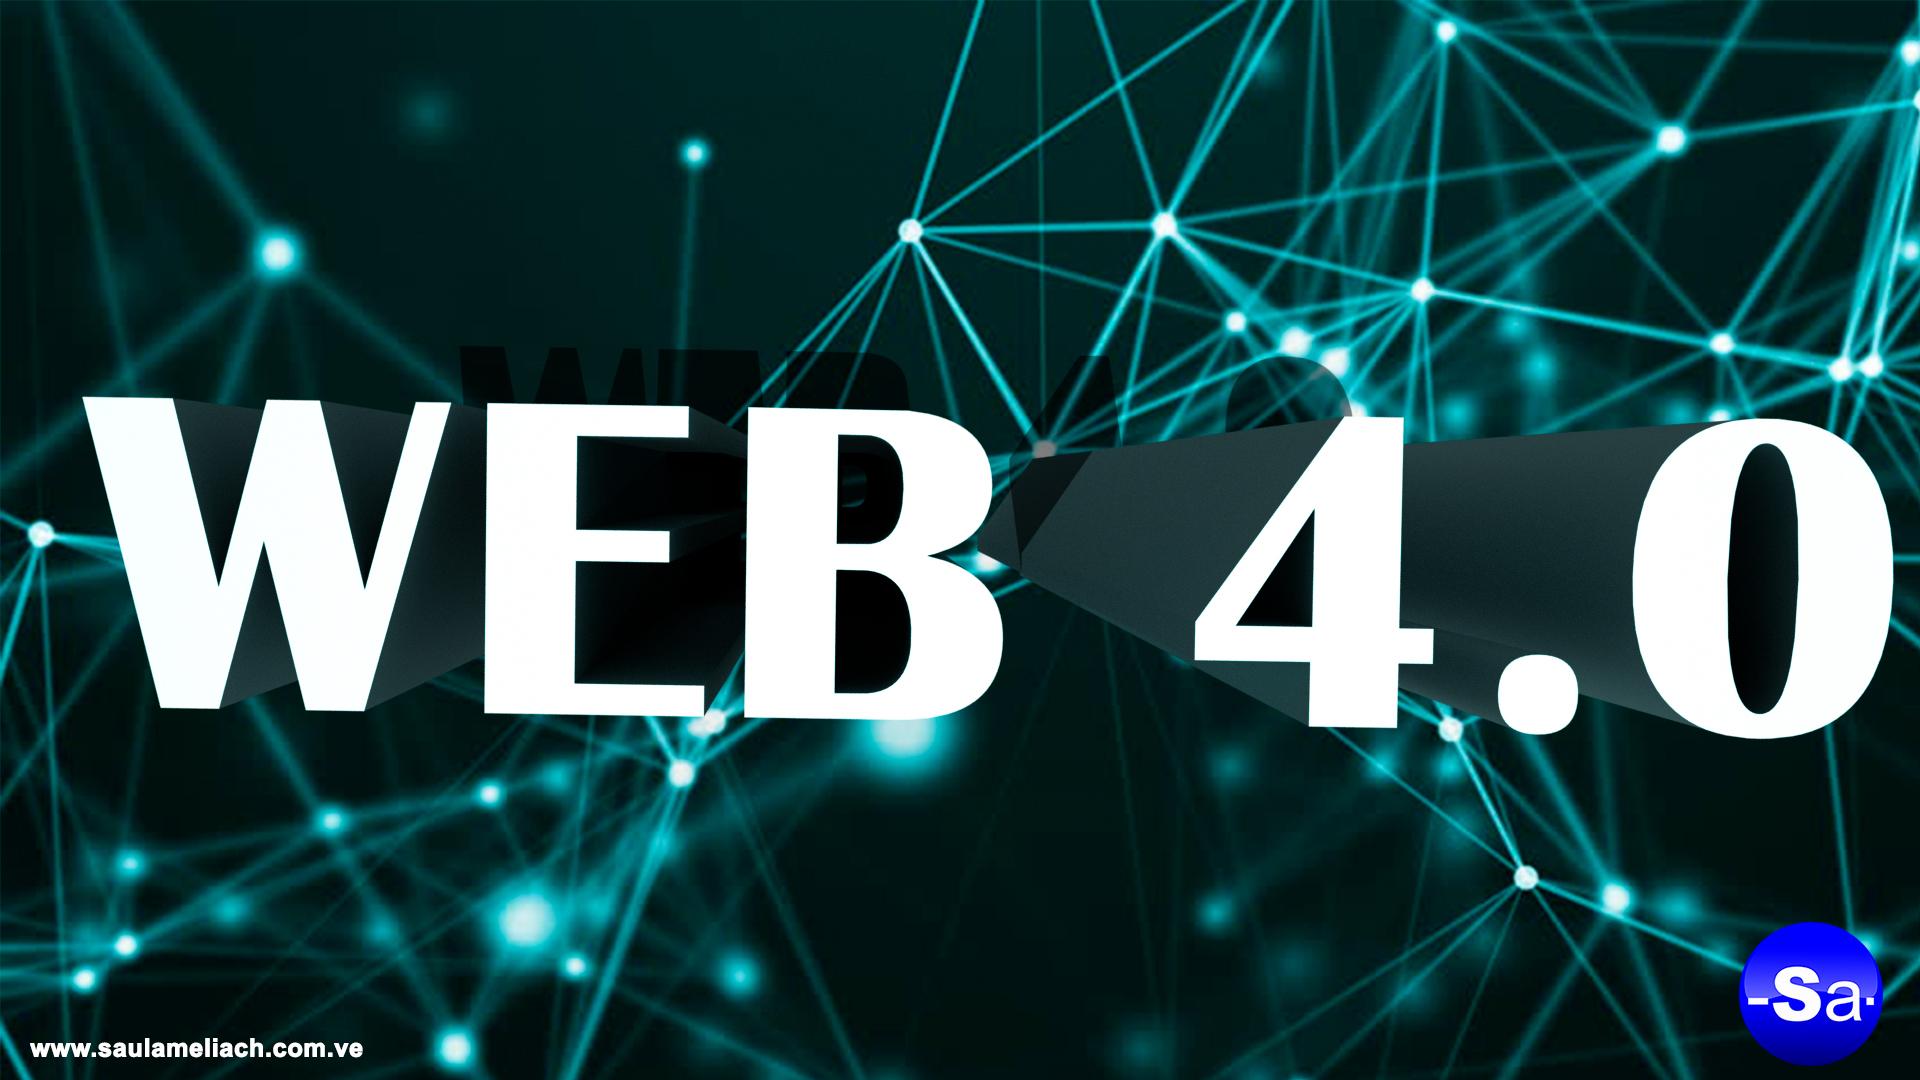 saul-ameliach-web 4.0-Internet